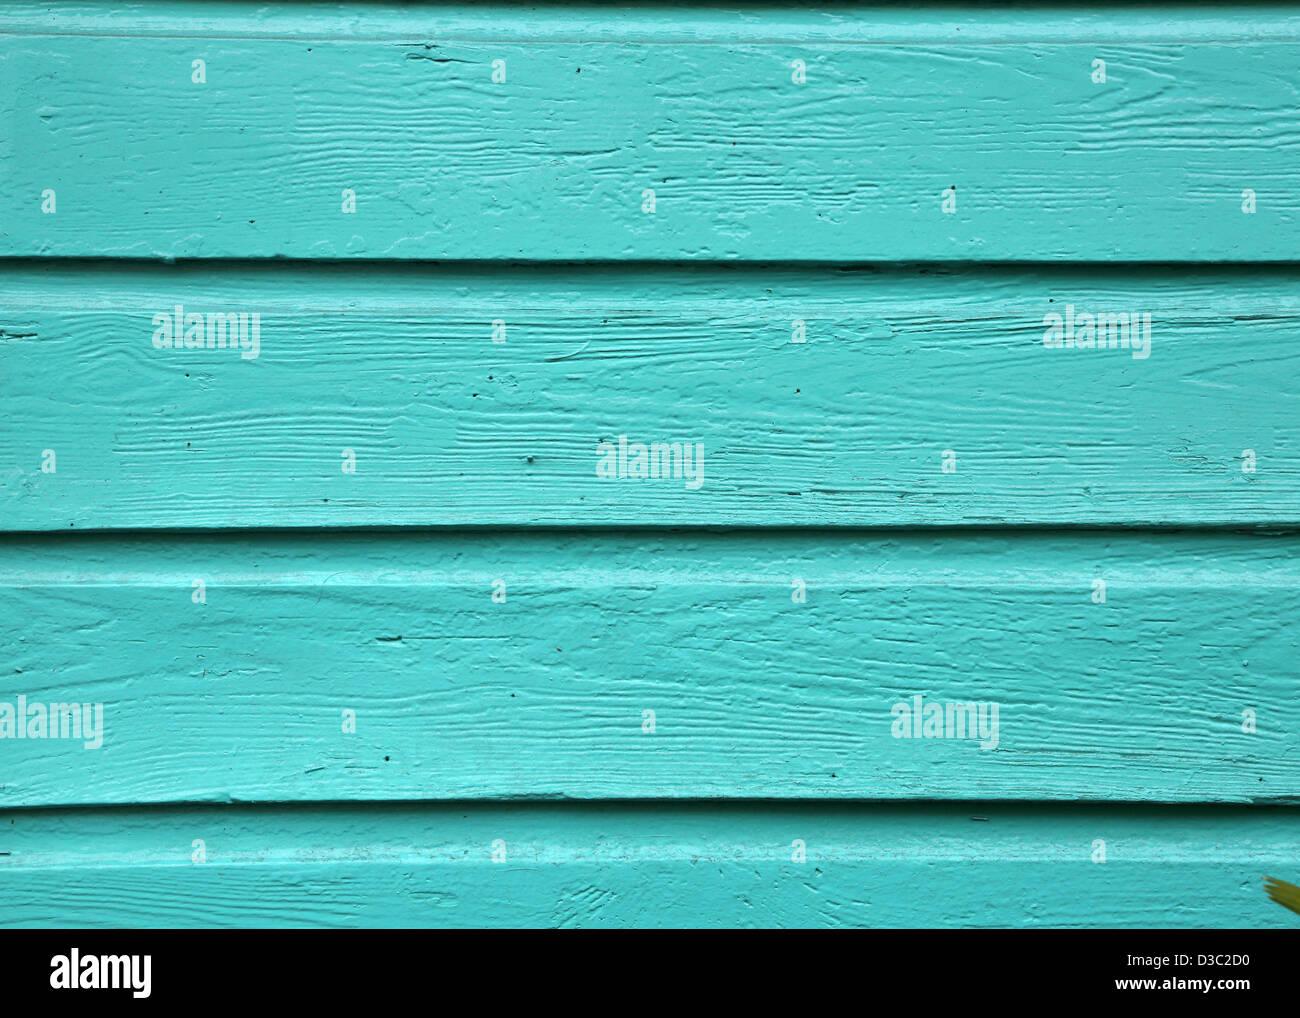 TURQUOISE WOOD BACKGROUND - Stock Image